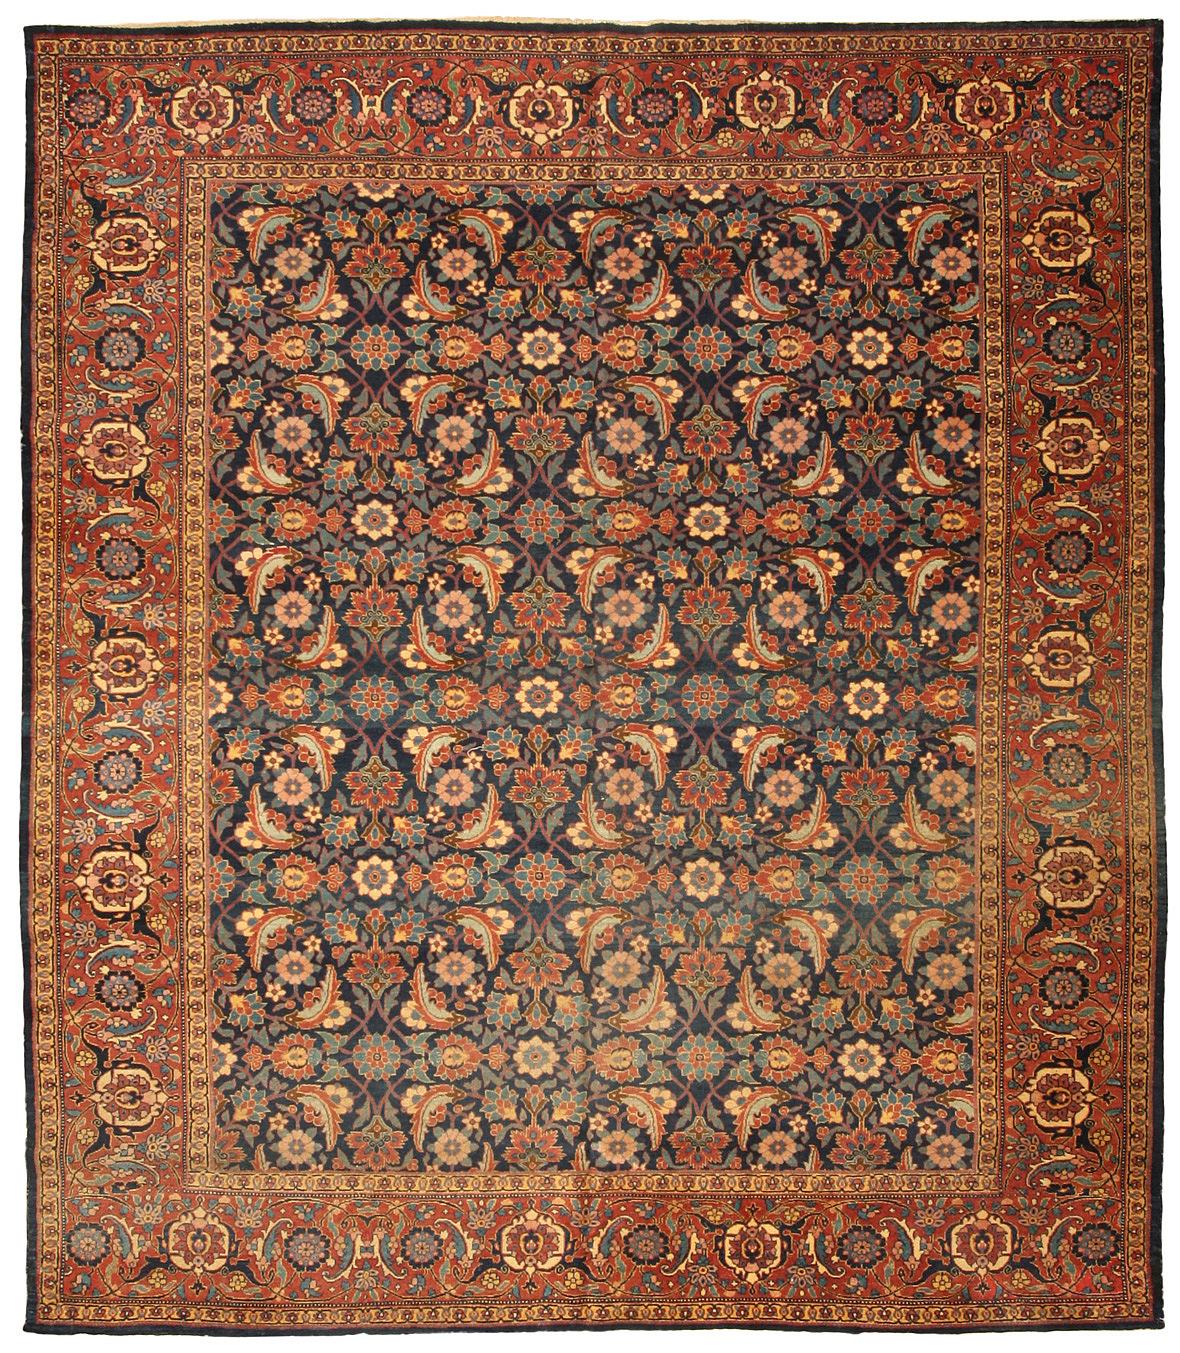 AR39. Tabriz ... late 19th c, 8.8x10